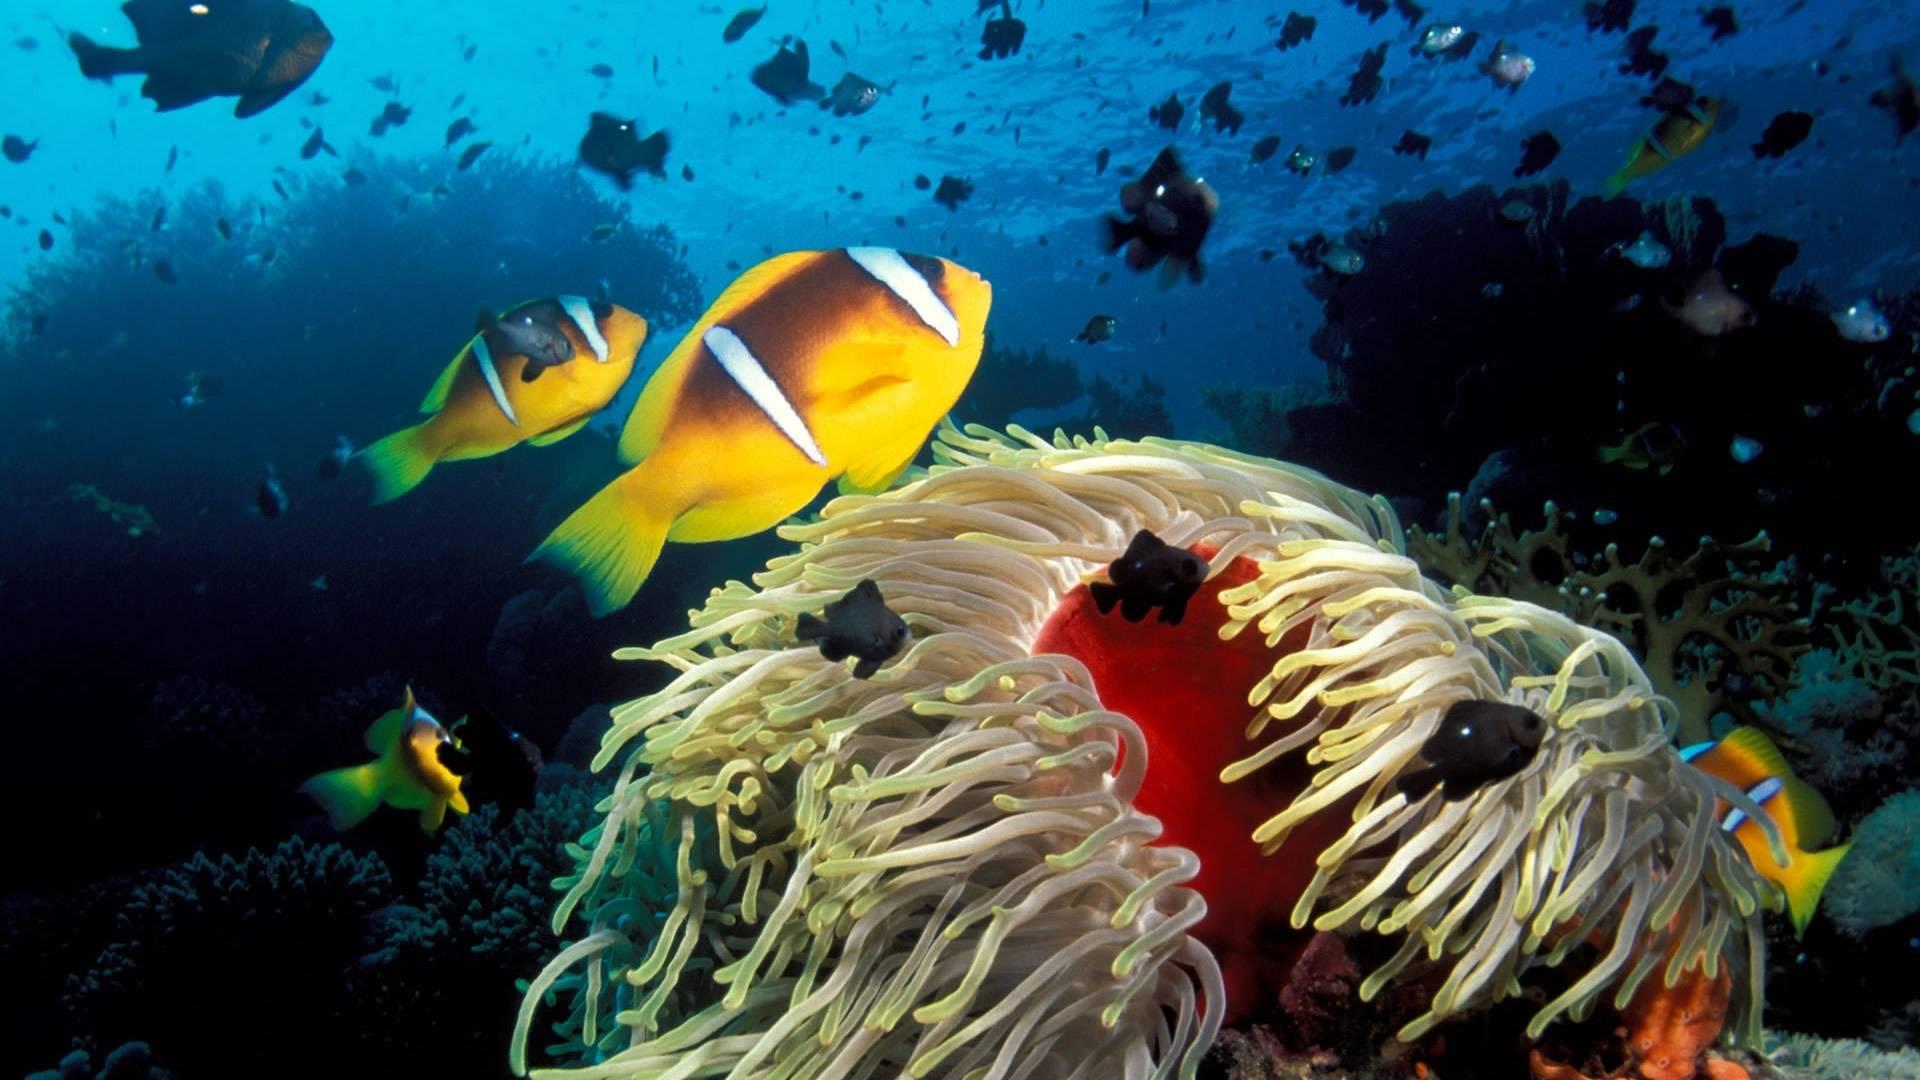 Life Coral Reef   Tropical FishUnderwater Sea Life Wallpaper 1920x1080